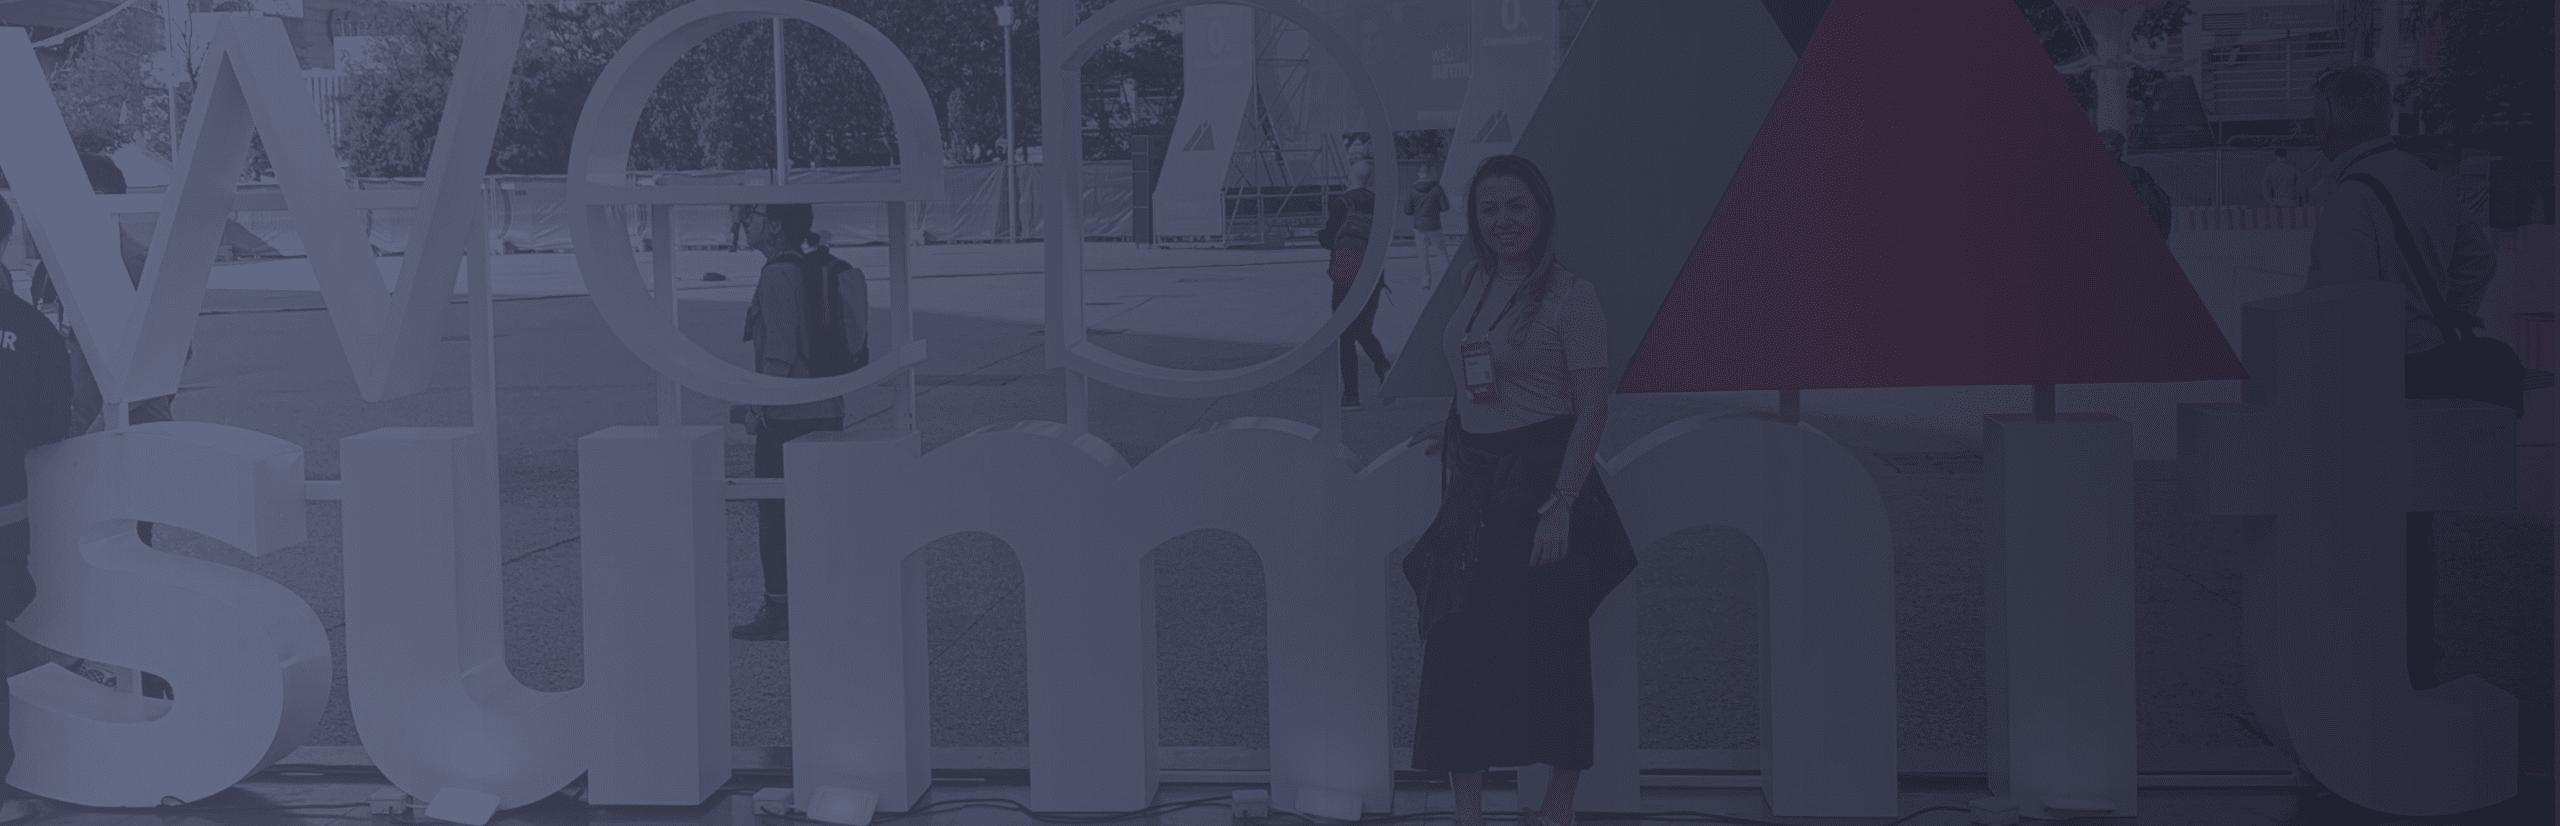 Novos horizontes e mercado internacional são inspirações da Web Summit